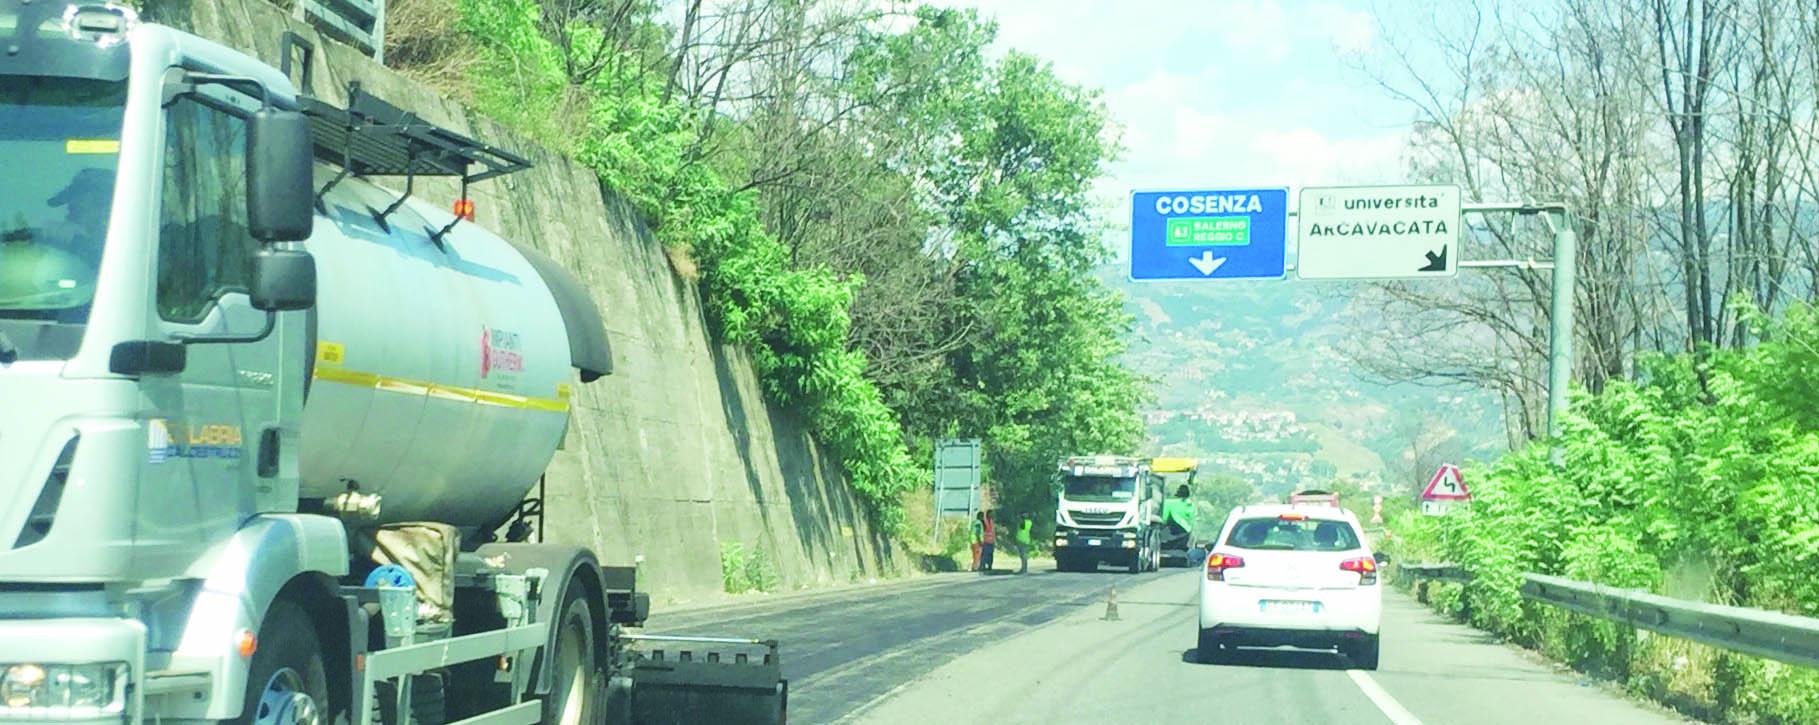 Trascorrere le vacanze in macchina tra lunghe codeLa Calabria fa ancora i conti con traffico e cantieri